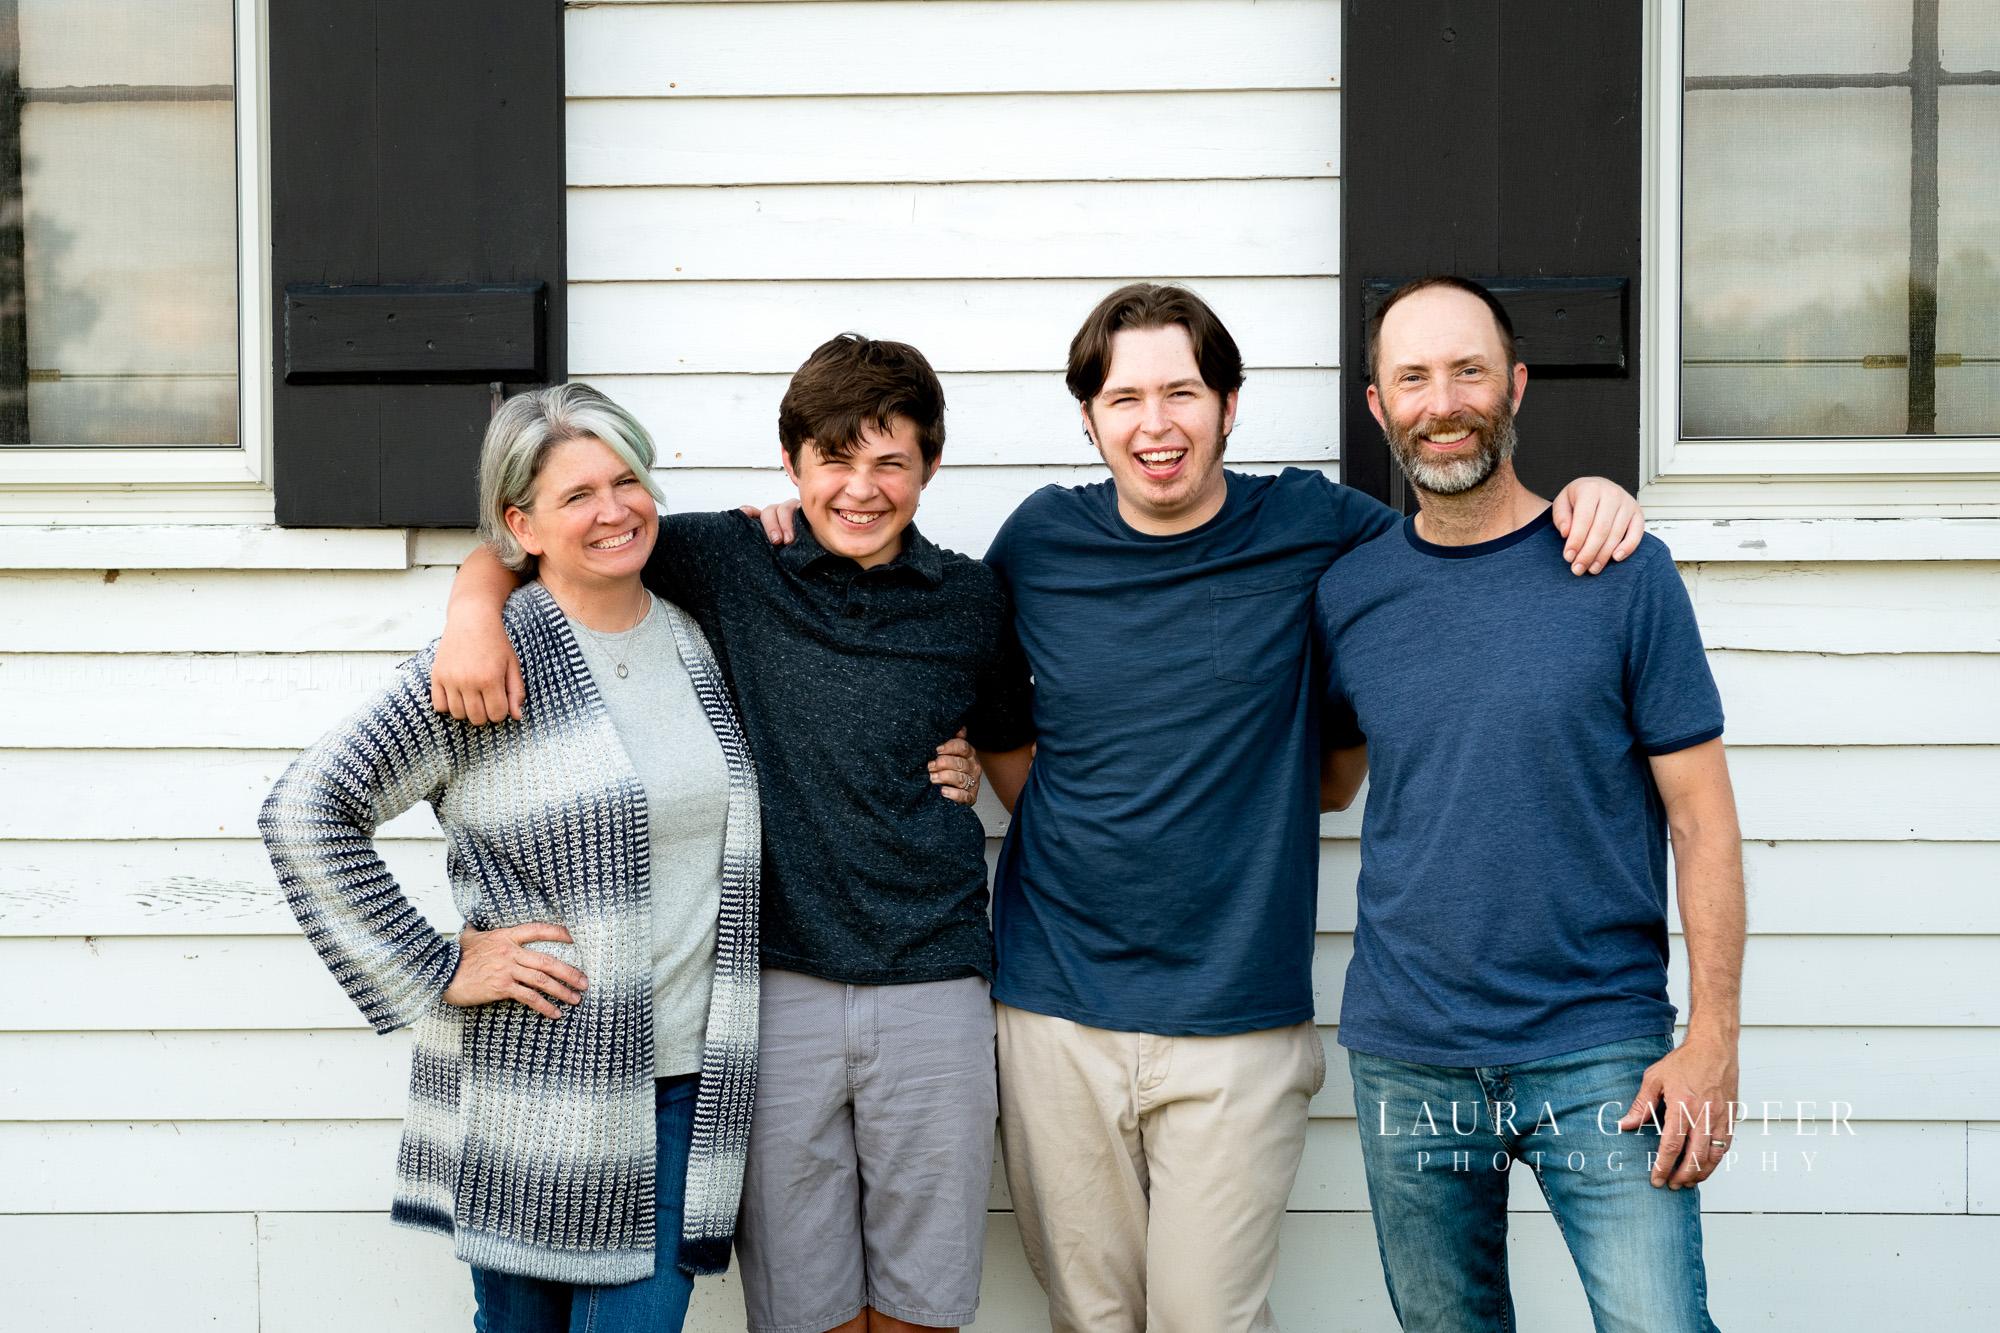 St. Charles Wasco Family Photos